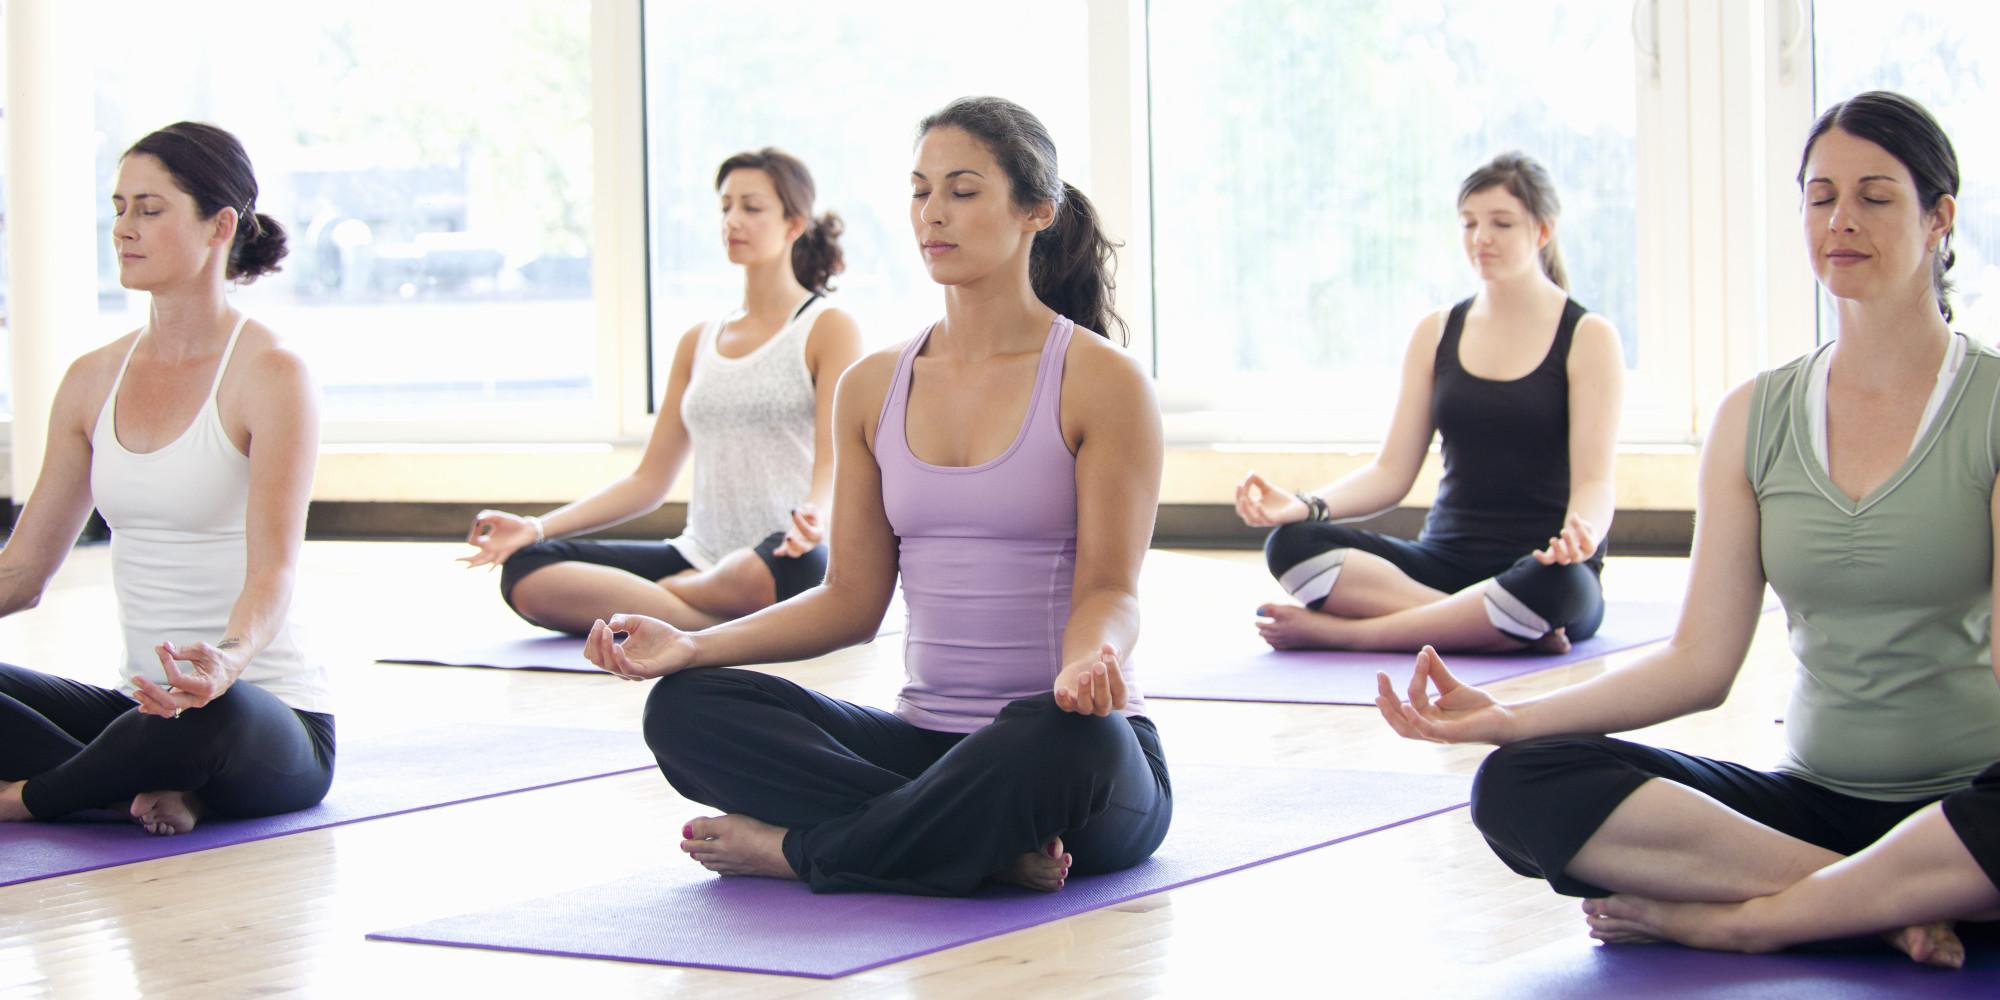 o-WOMEN-YOGA-CLASS-facebook - Yoga Relax